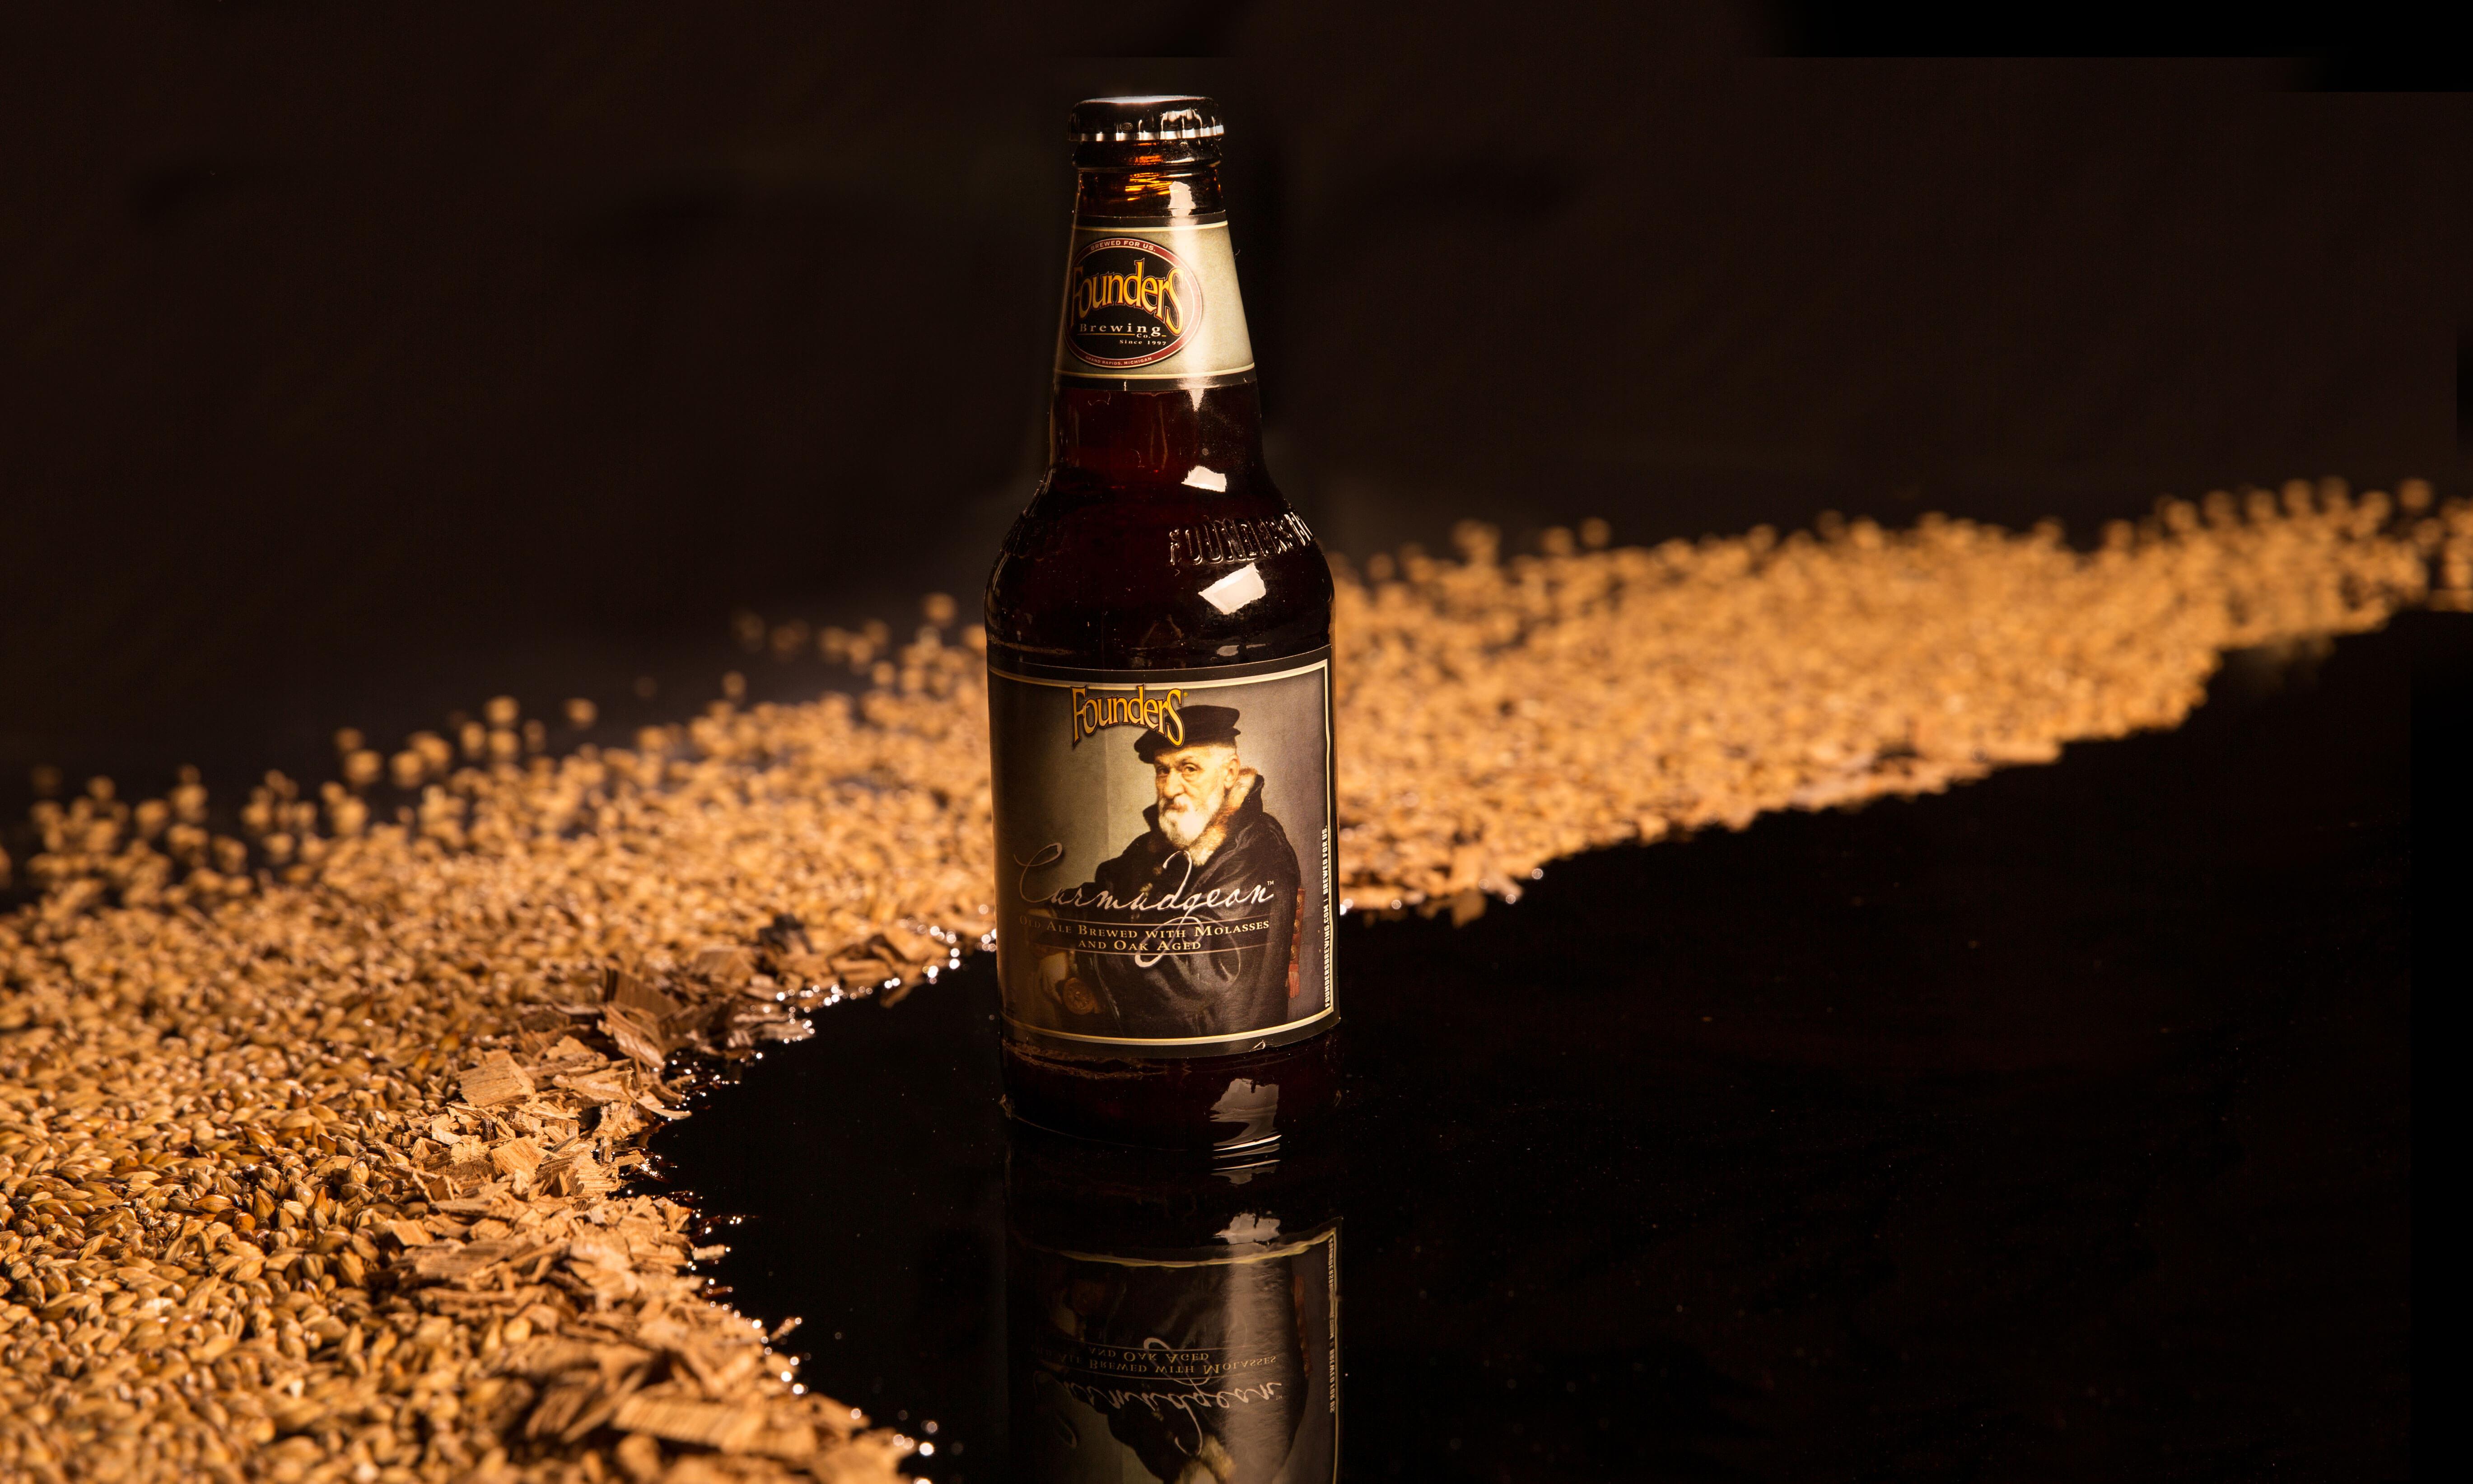 Bottle of Founders Curmudgeon sitting in oak chips